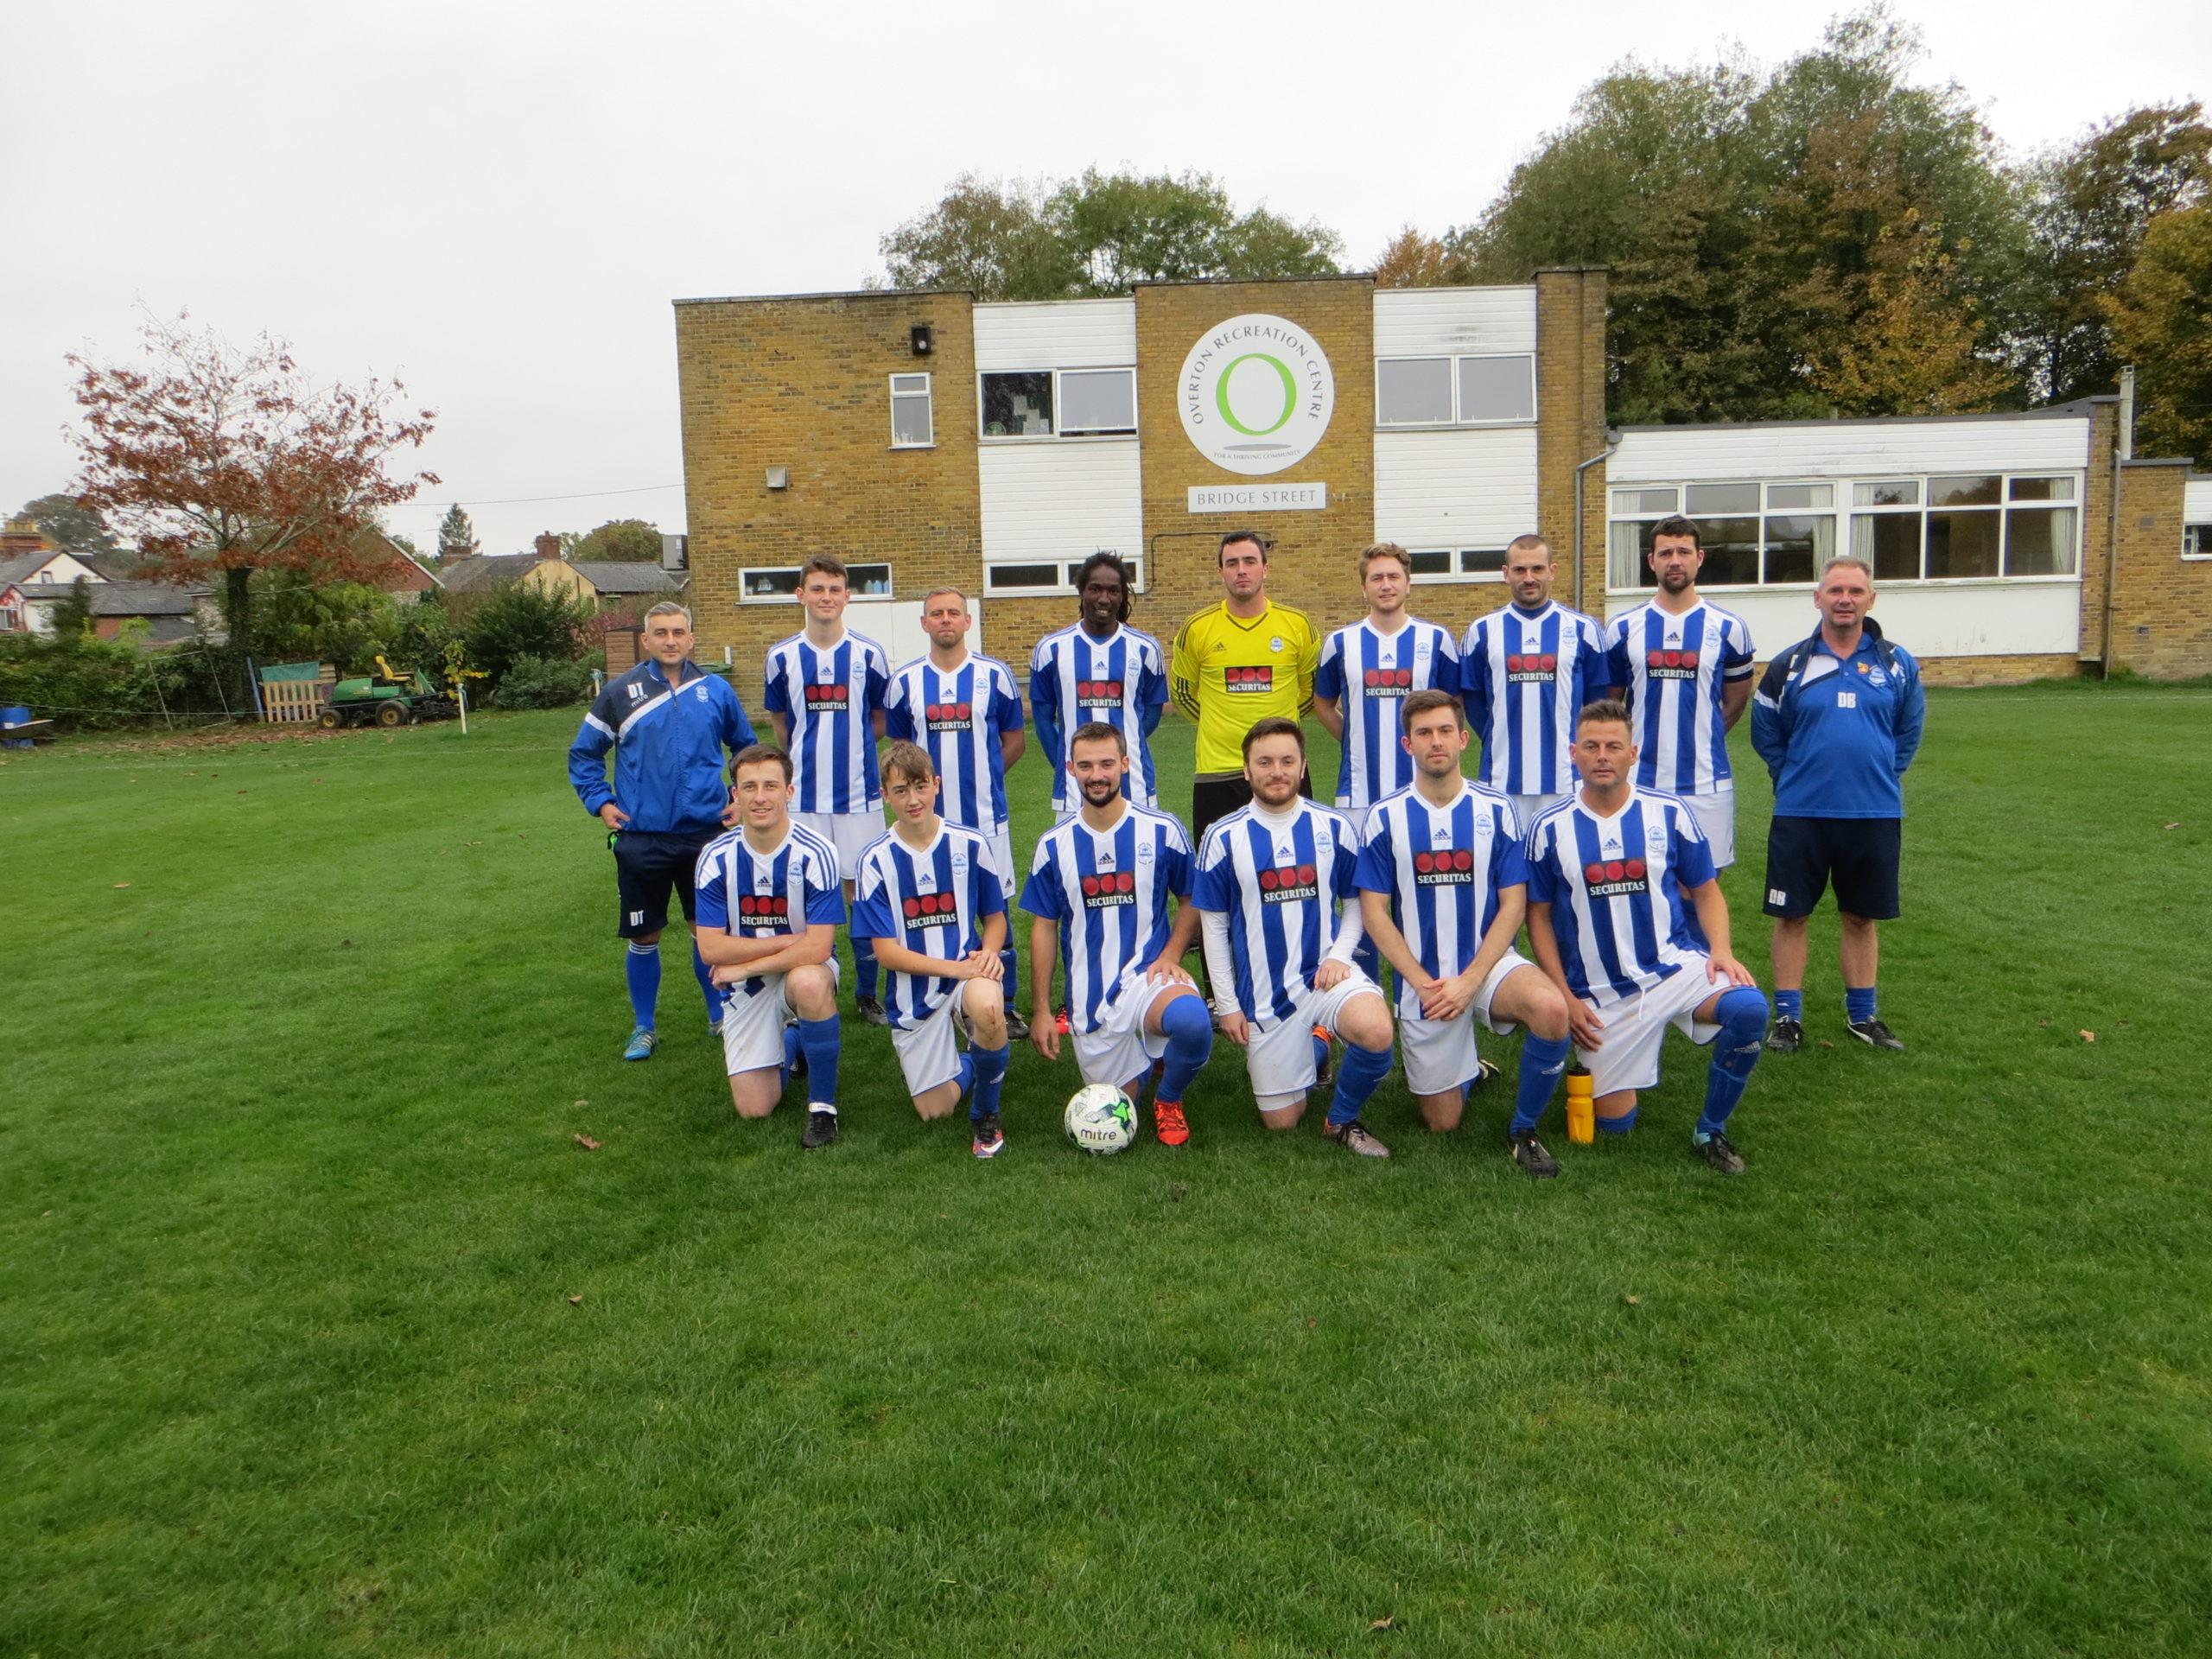 Overton United Football Club